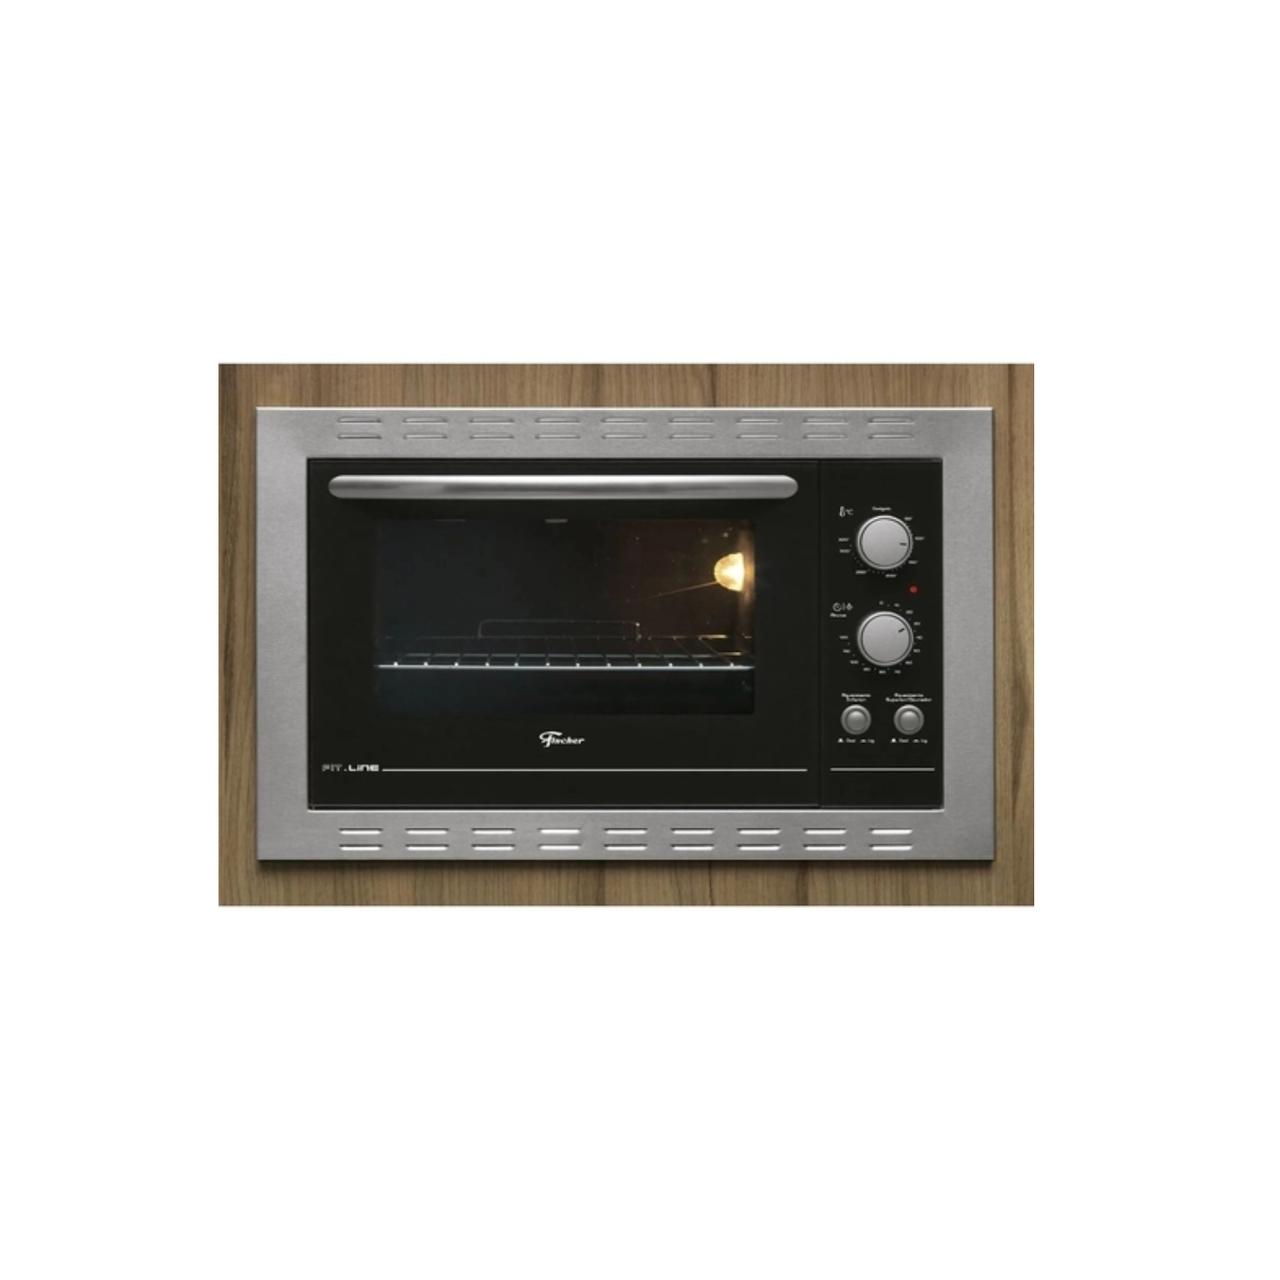 Kit Forno Elétrico 44L E Micro-Ondas Com 8 Funções De Embutir em Aço Inox Fischer 220 V